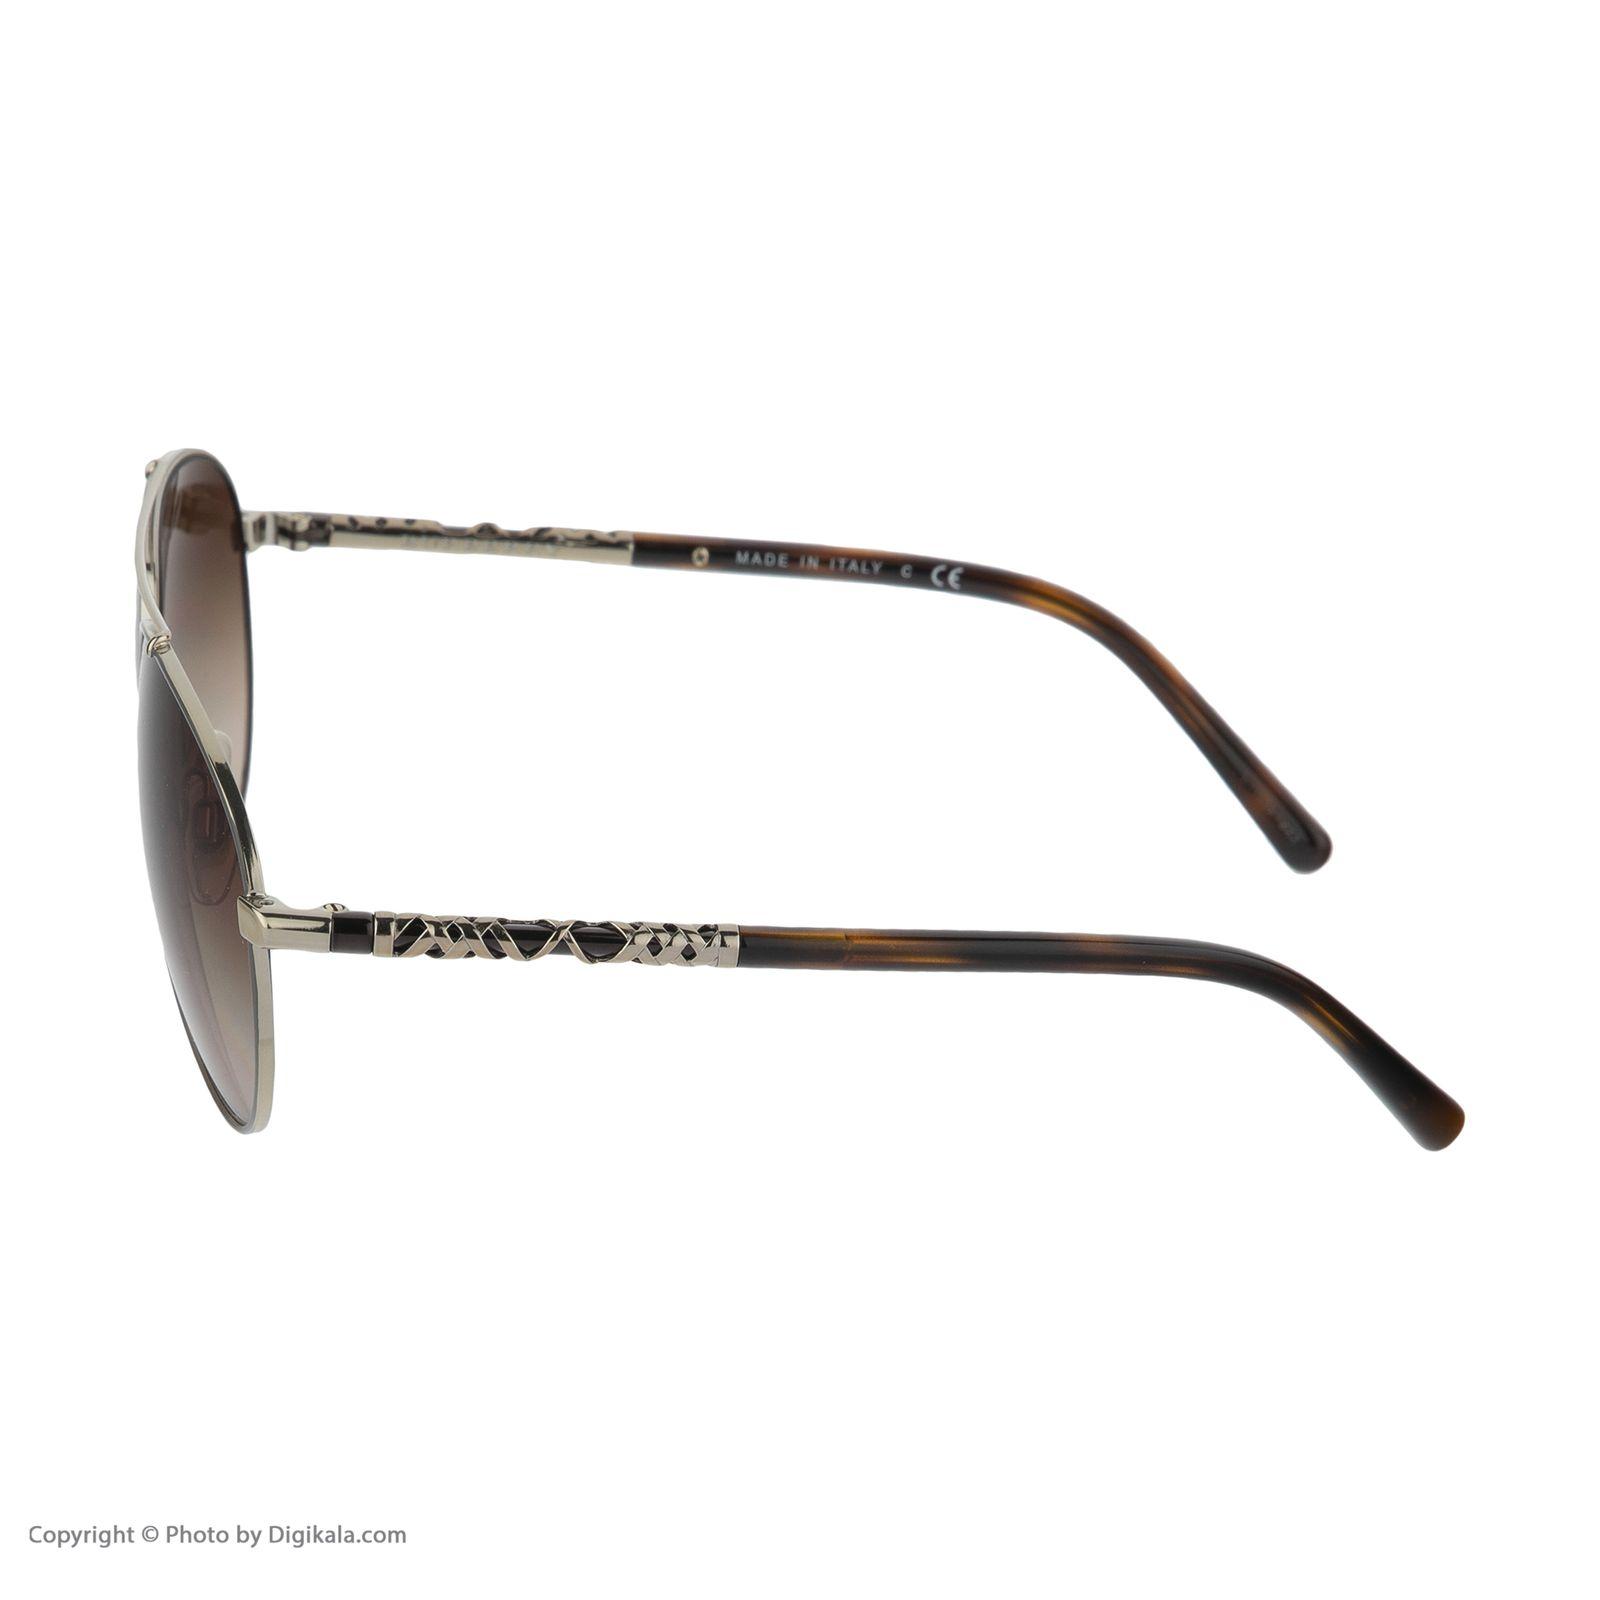 عینک آفتابی زنانه بربری مدل BE 3089S 114513 58 -  - 6